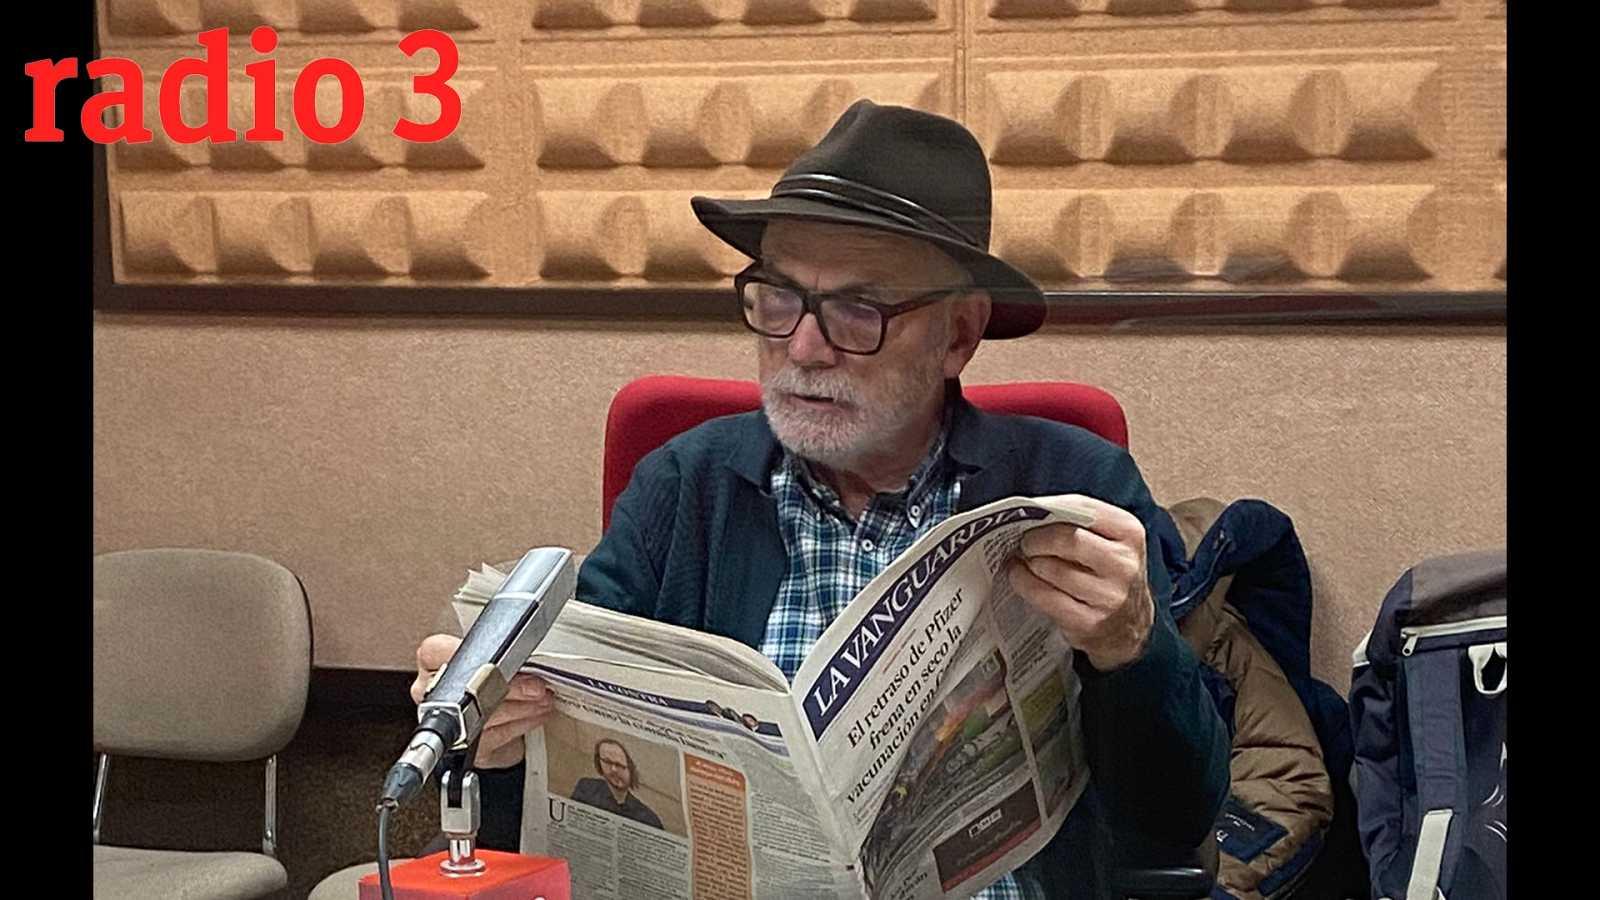 Hoy empieza todo con Ángel Carmona - Rigoberta Bandini, Dudas pandémicas y Humanismo tecnológico - 26/01/21 - escuchar ahora